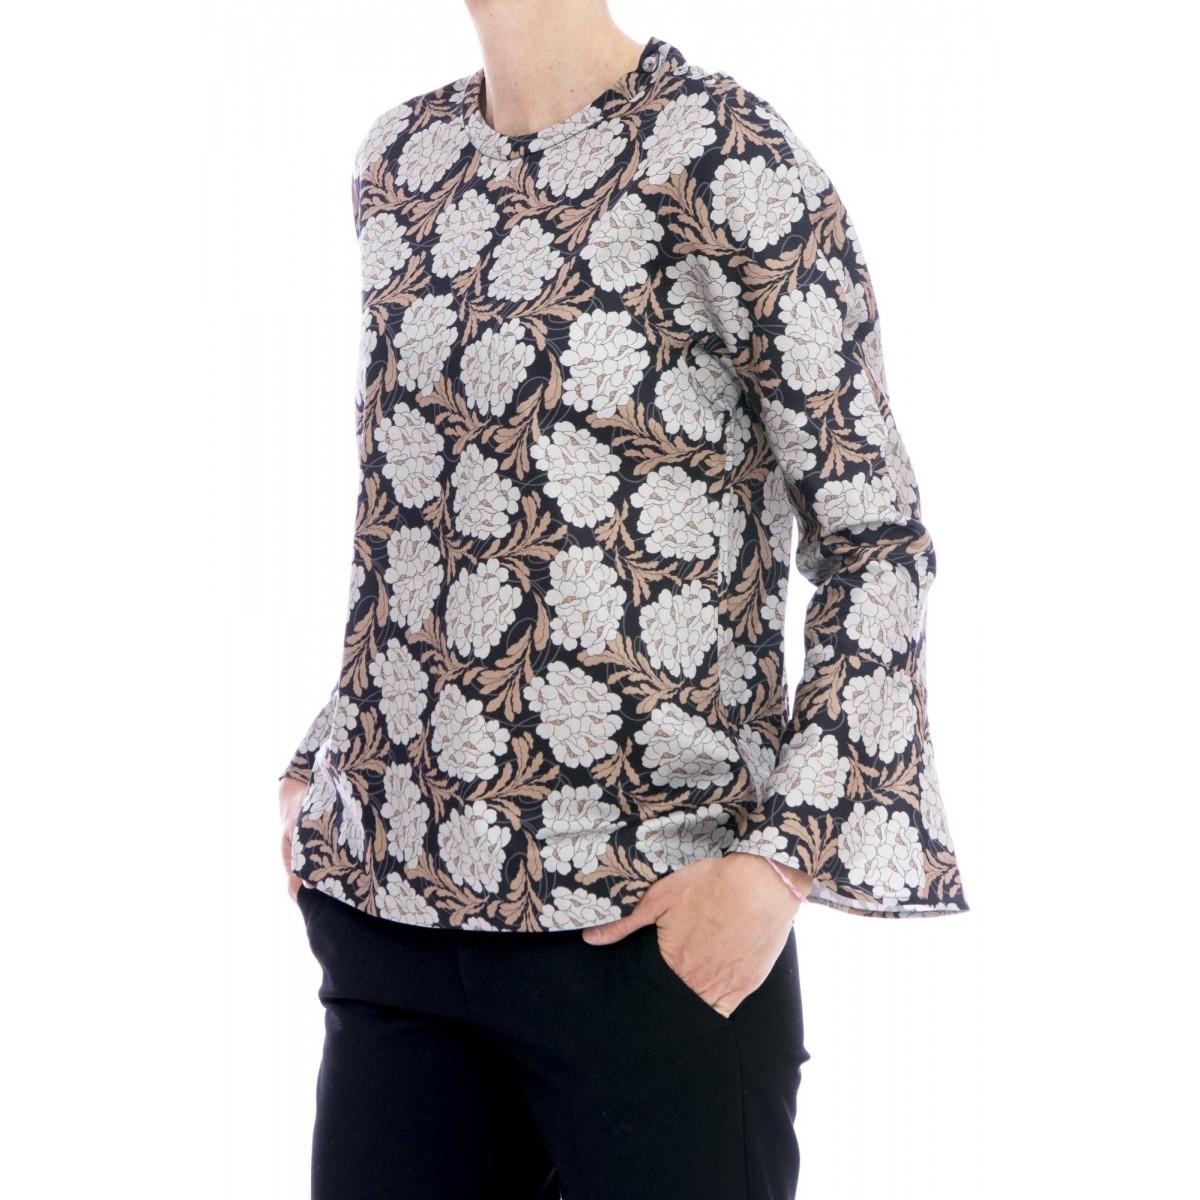 Camicia donna Archivio '67 - Rqe zd0 camicia girocollo stampa